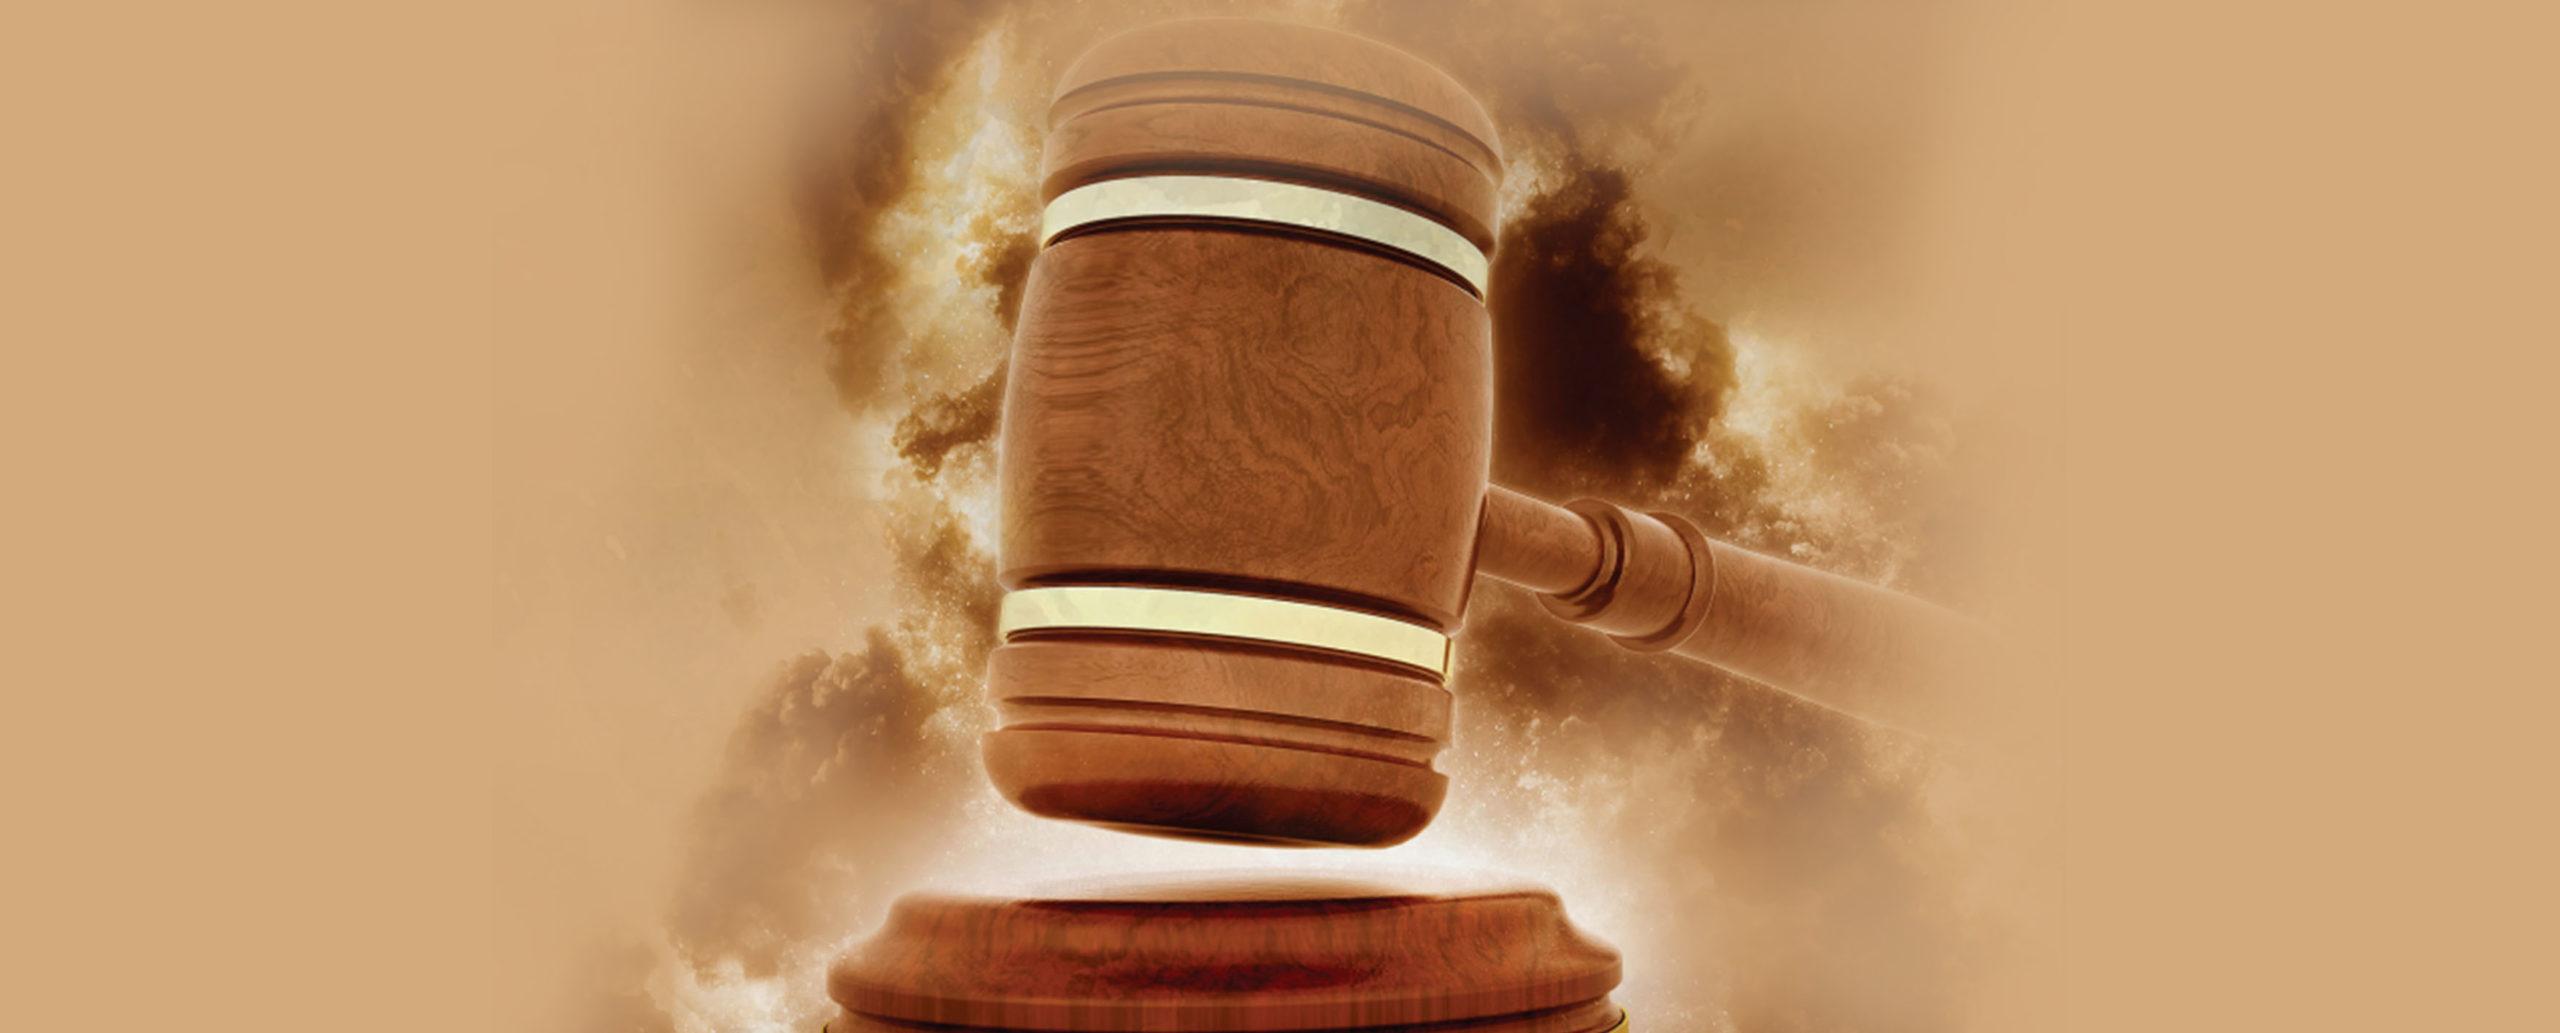 عُرْفٌ أقوى مِنْ قانون